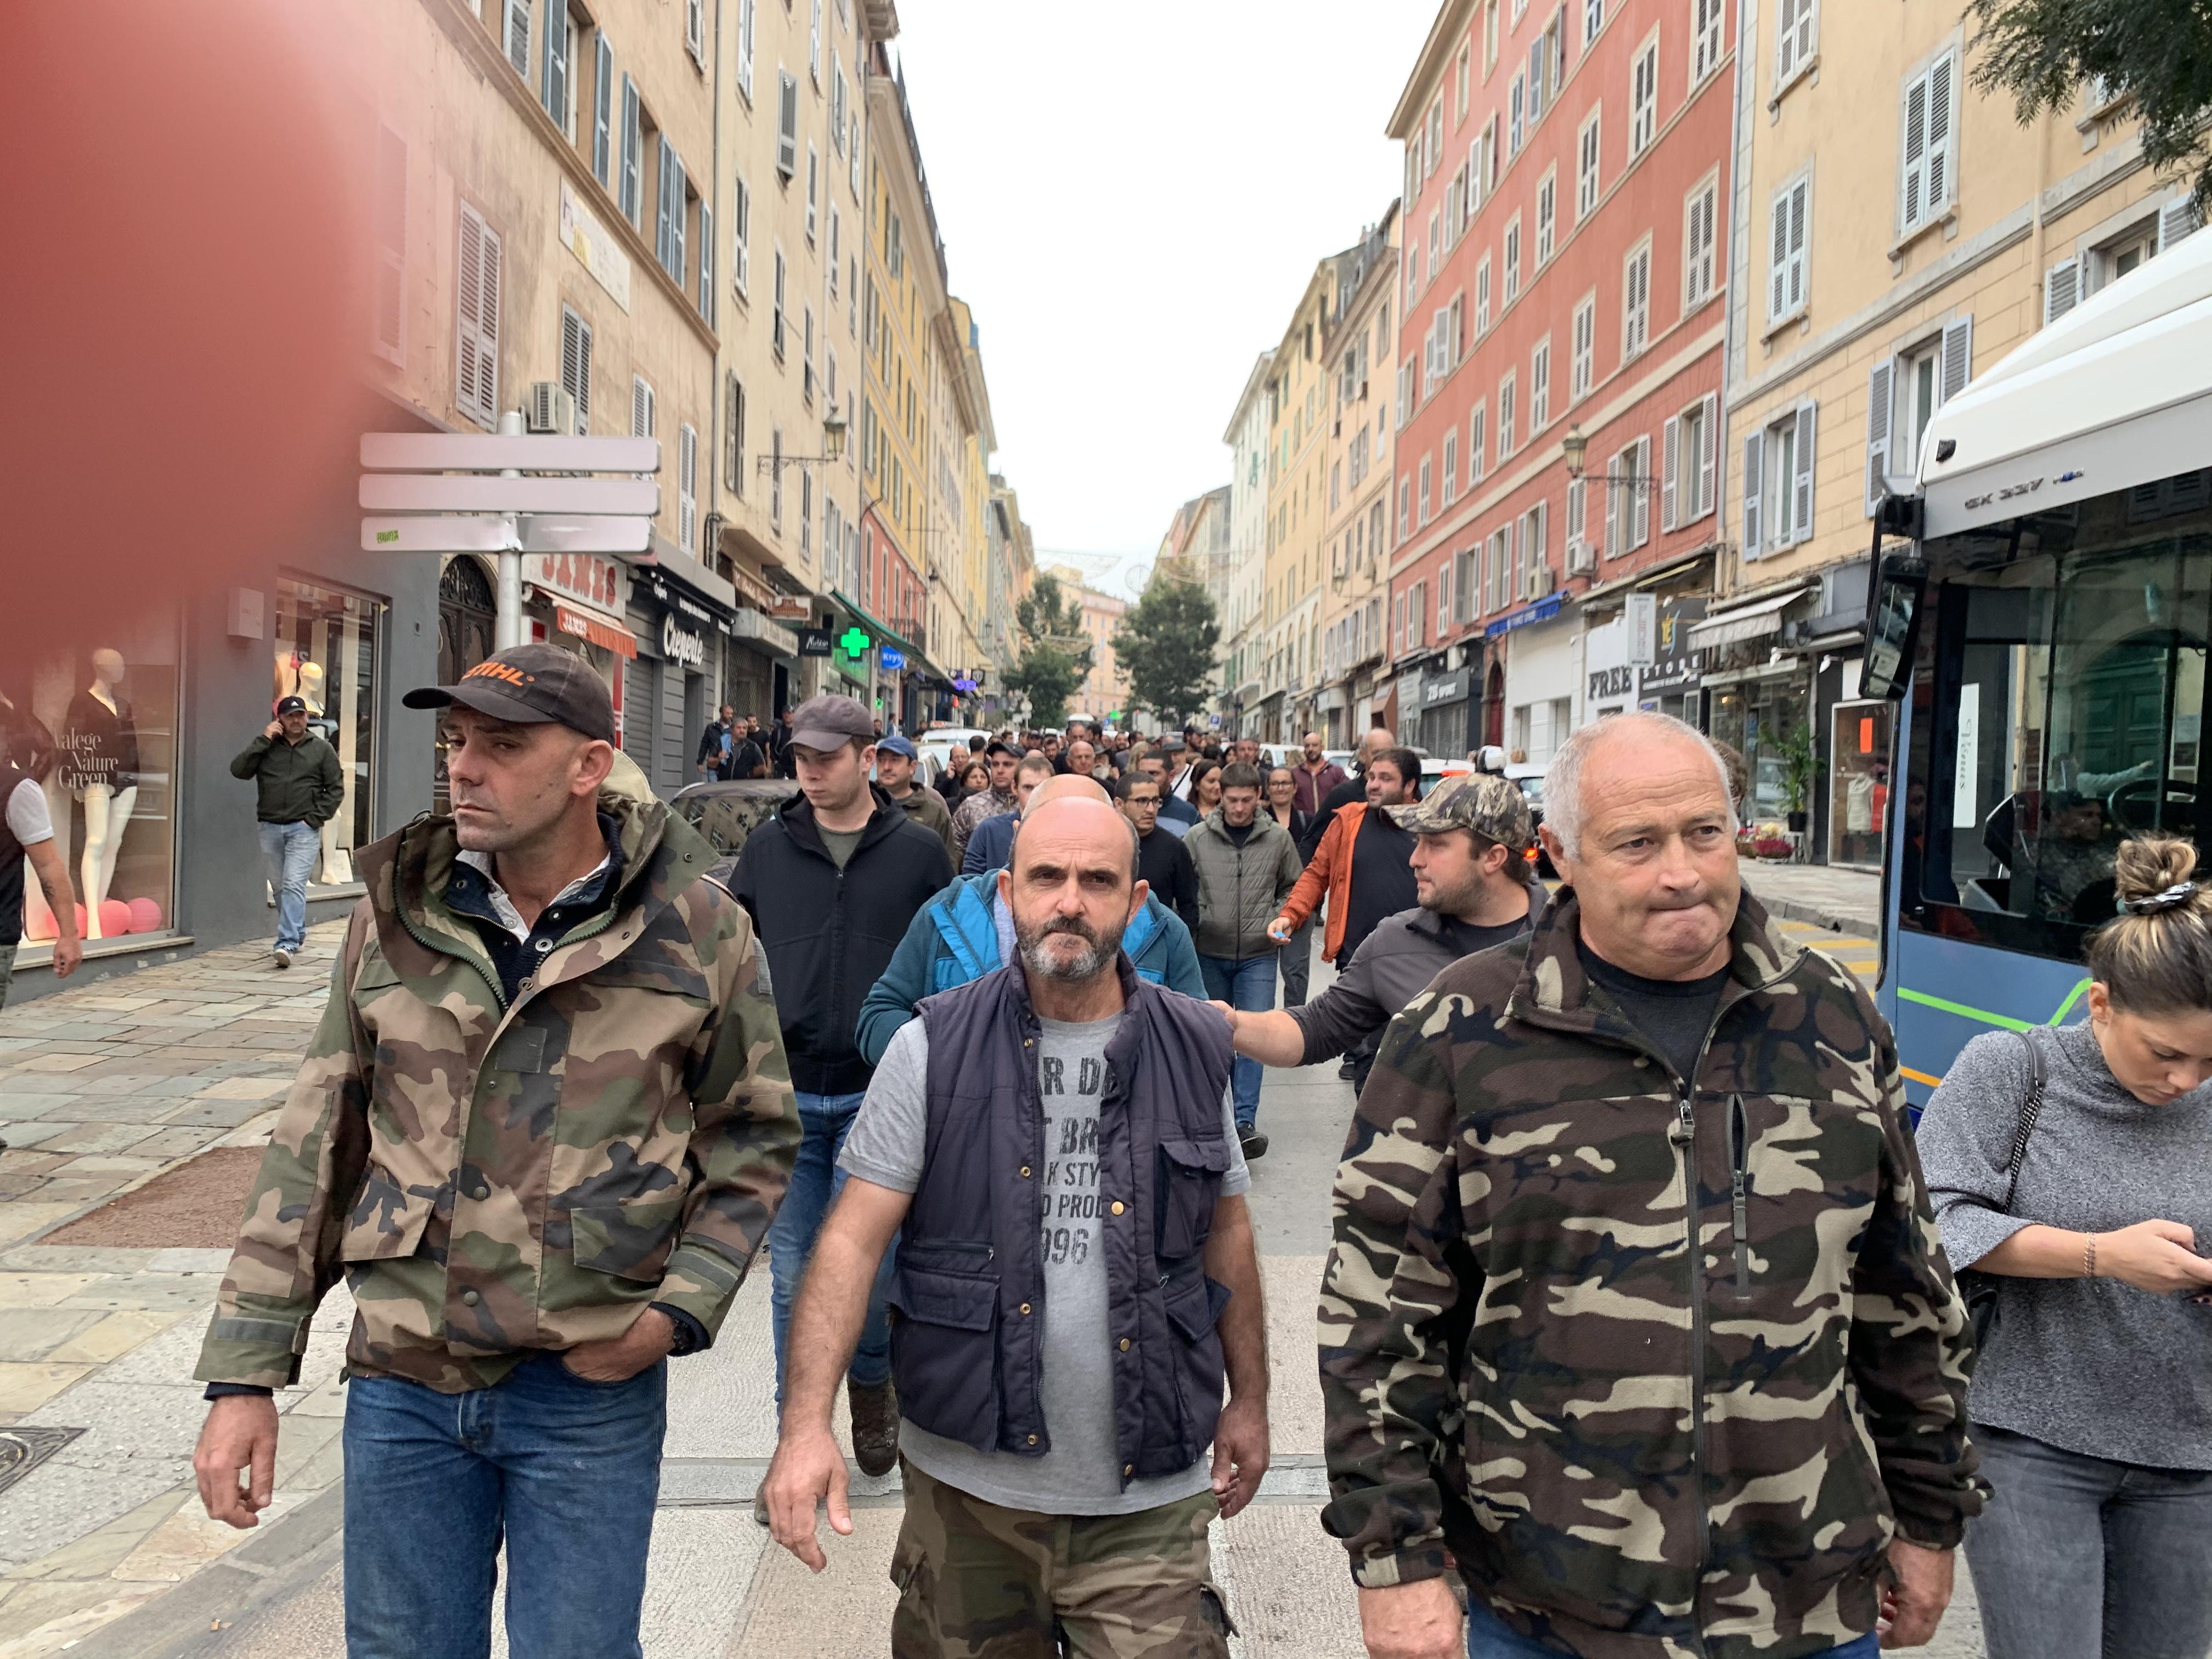 Crise agricole : Femu a Corsica condamne « l'attitude répressive contre les agriculteurs »